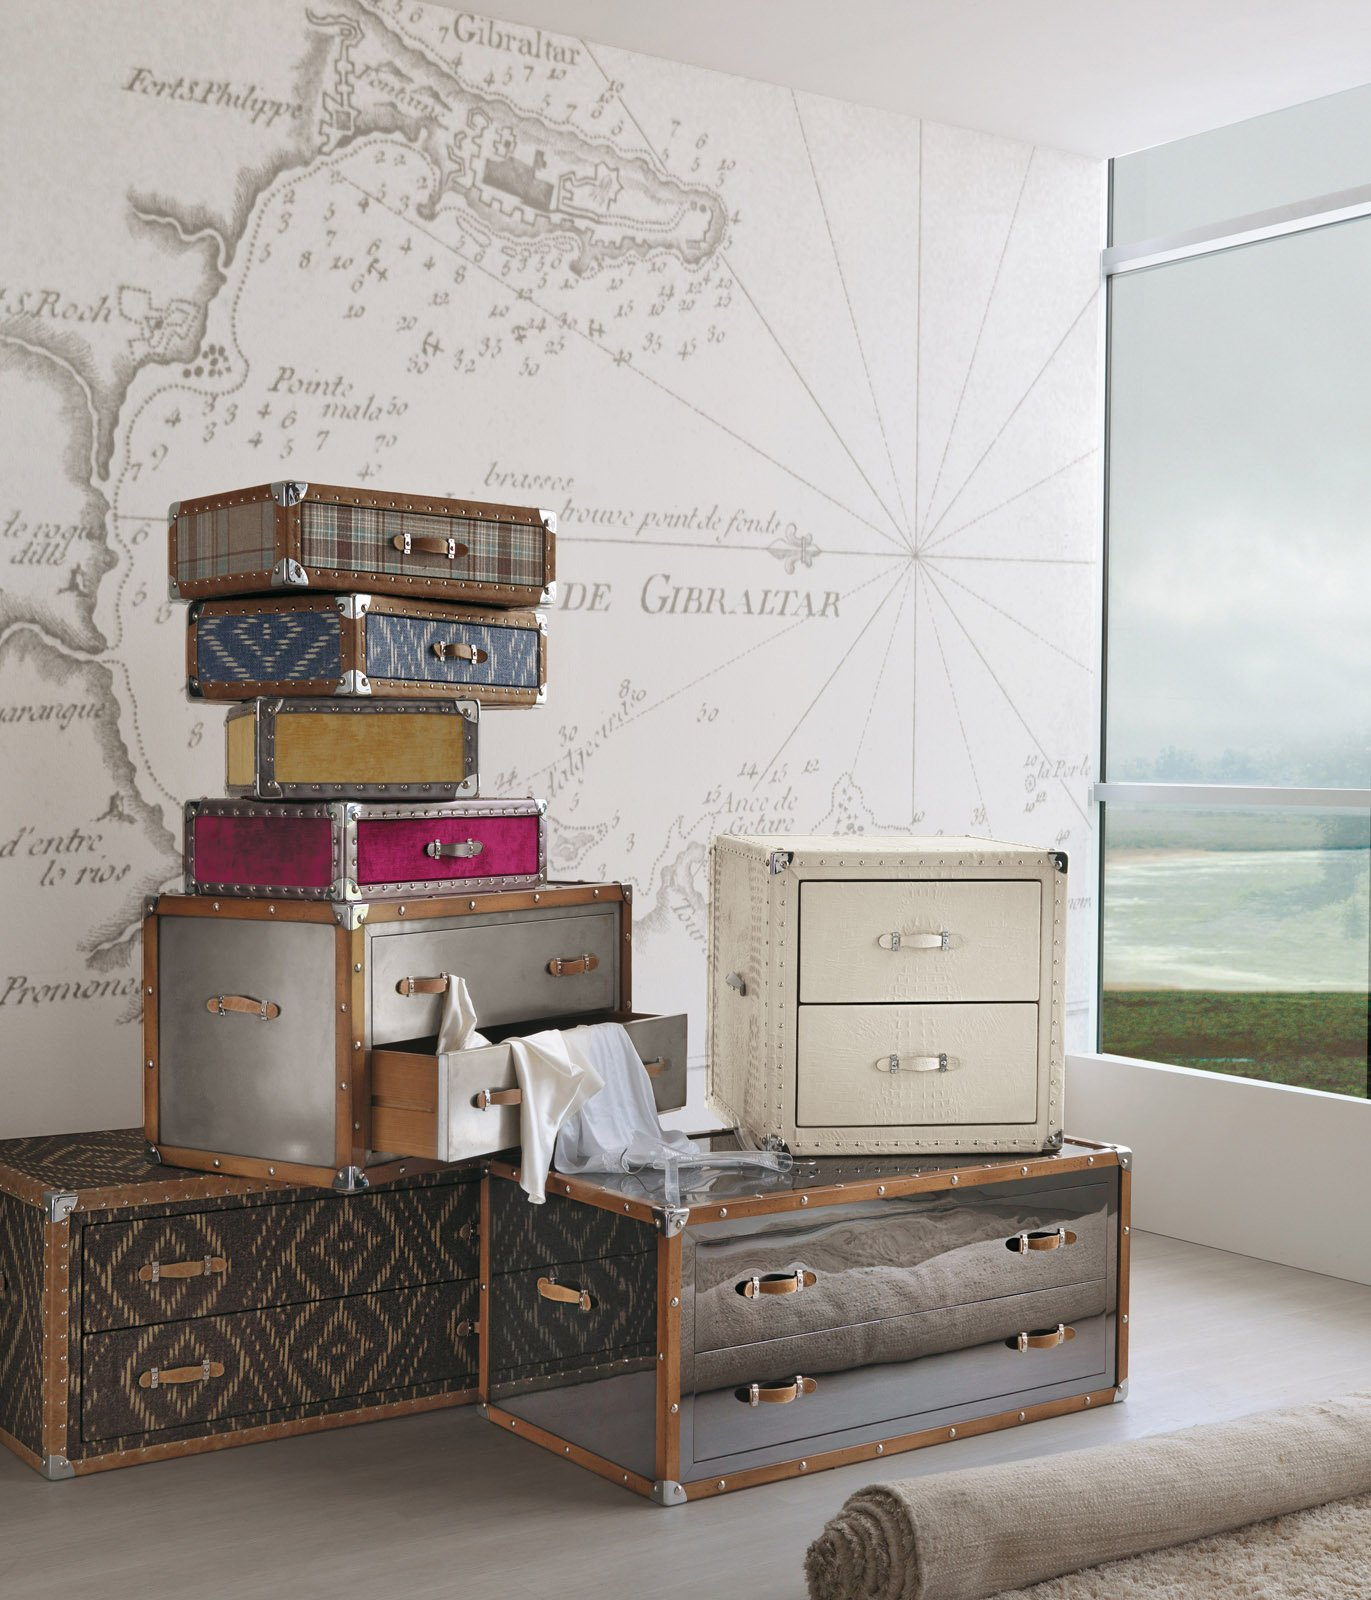 Idee camere da letto vintage : idee camere da letto vintage. idee ...